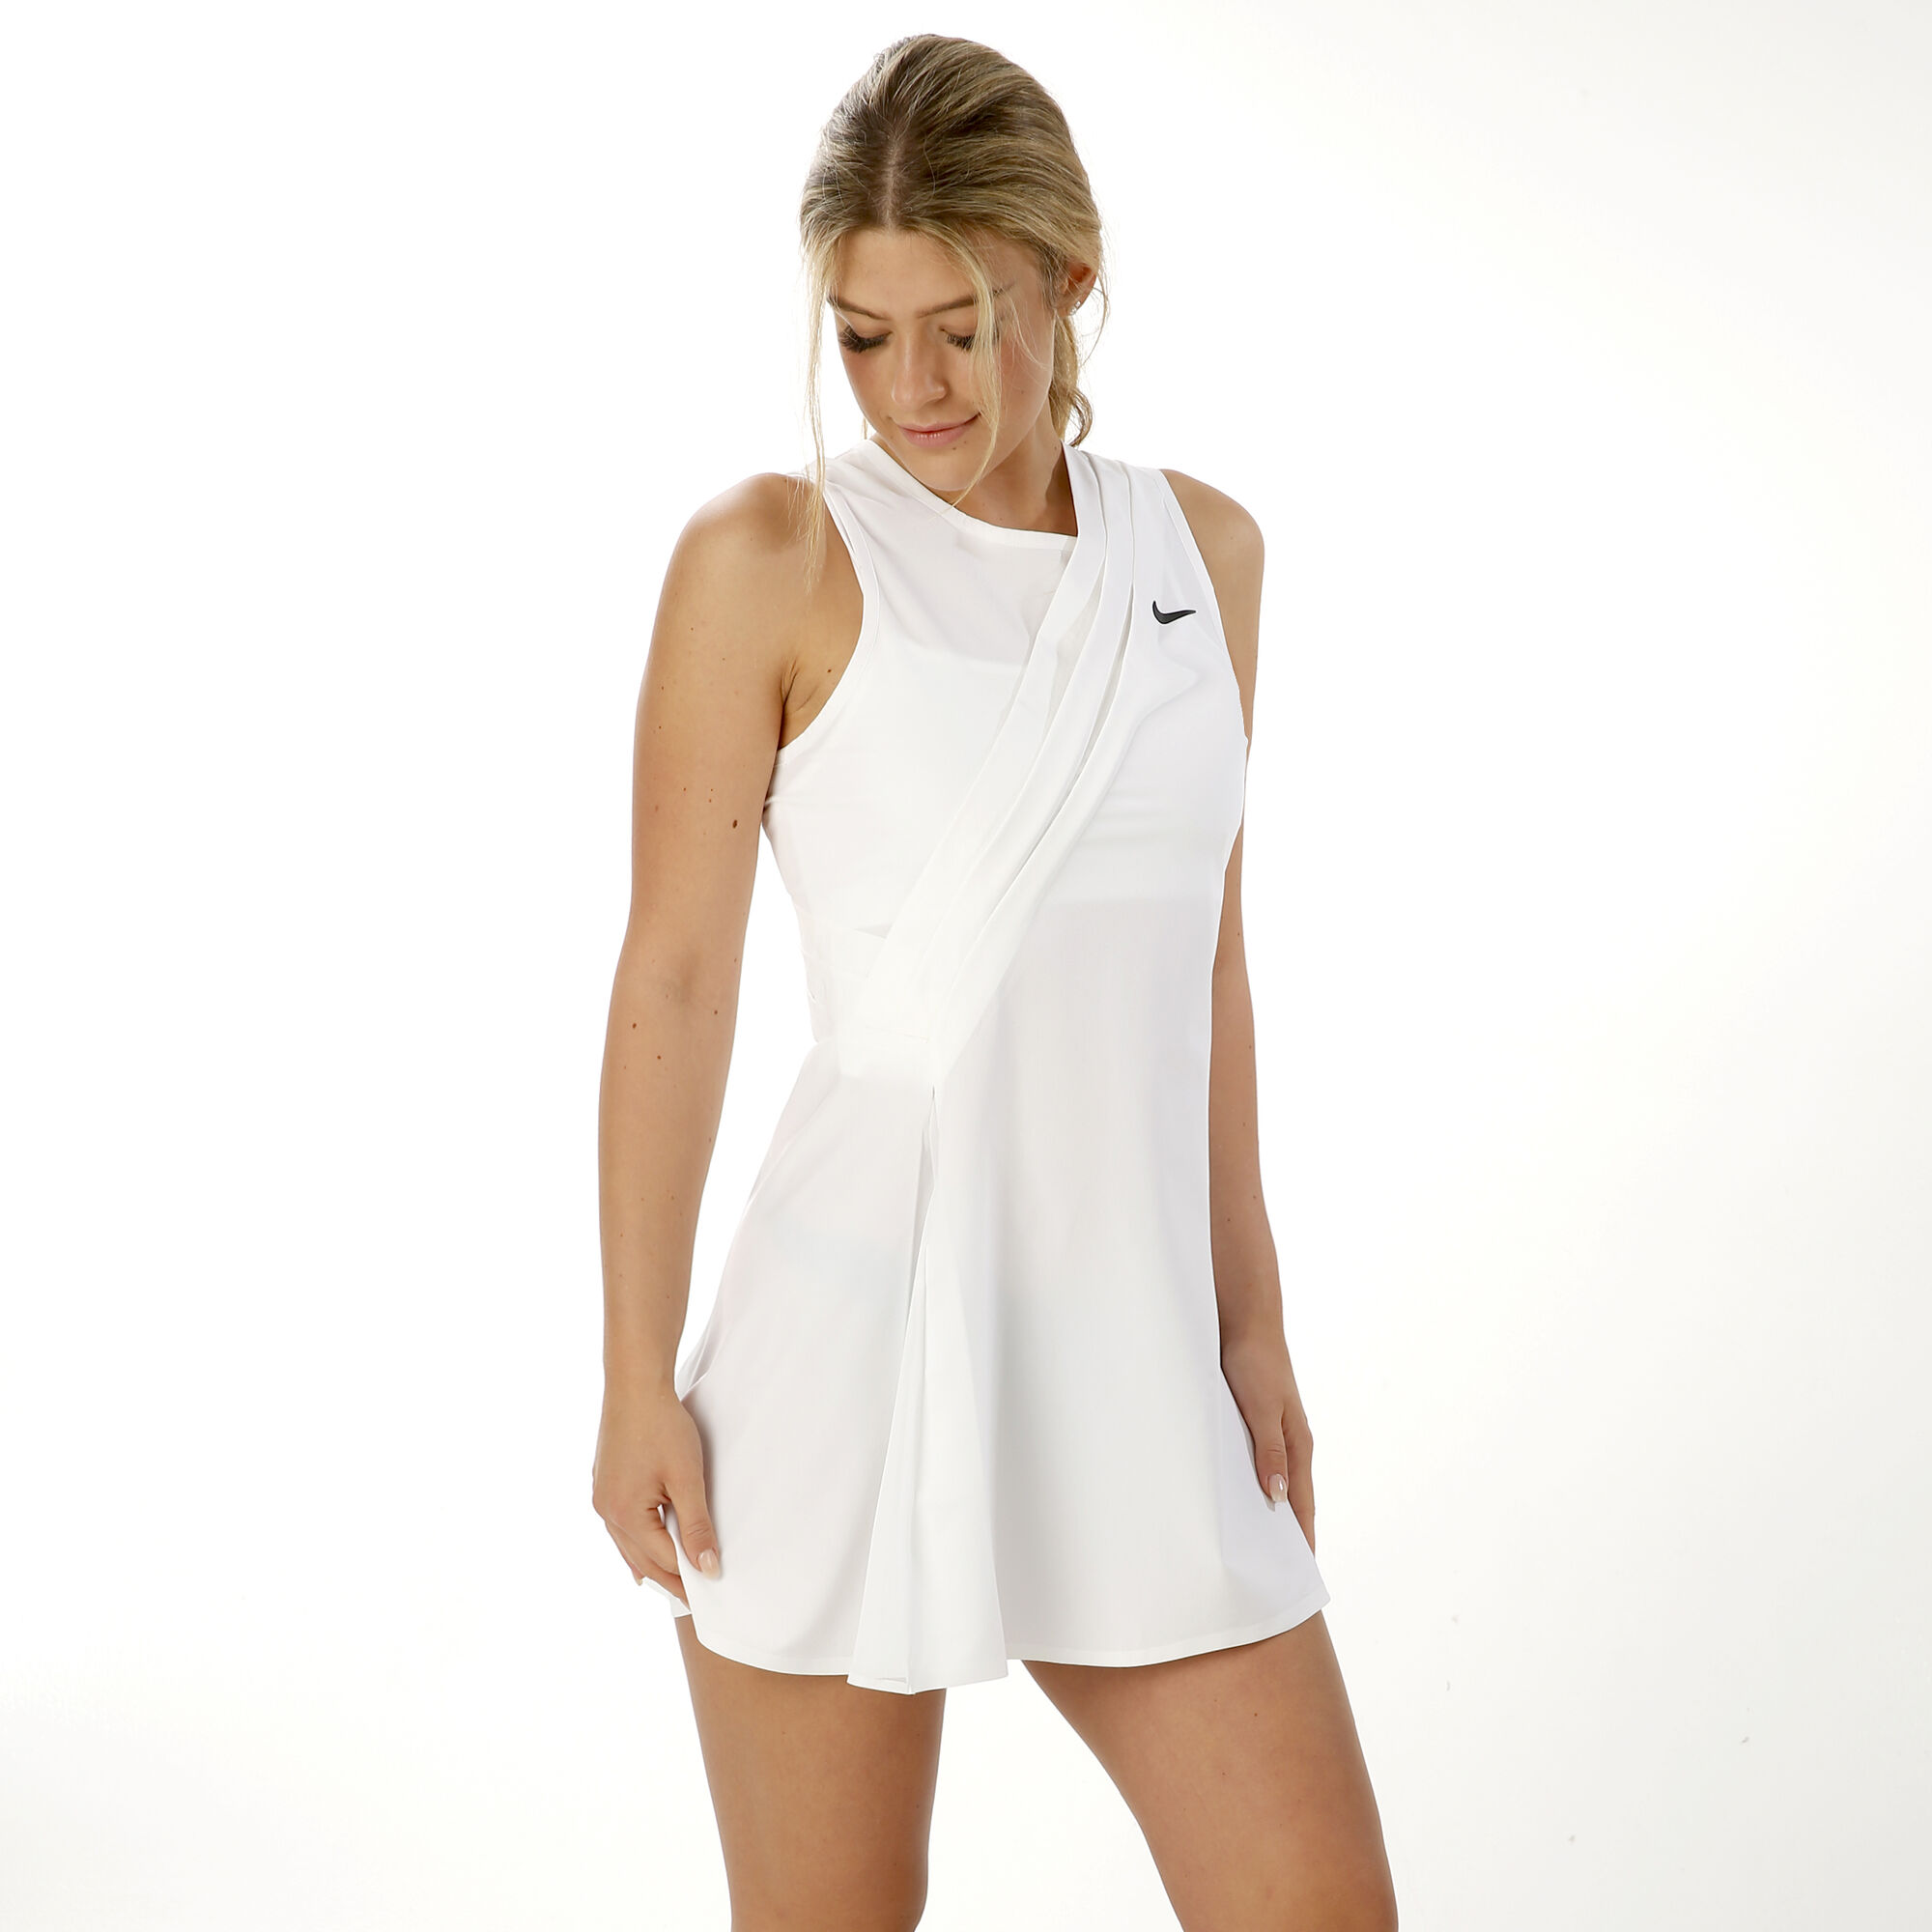 Nike Maria Sharapova Kleid Damen Weiss Schwarz Online Kaufen Tennis Point